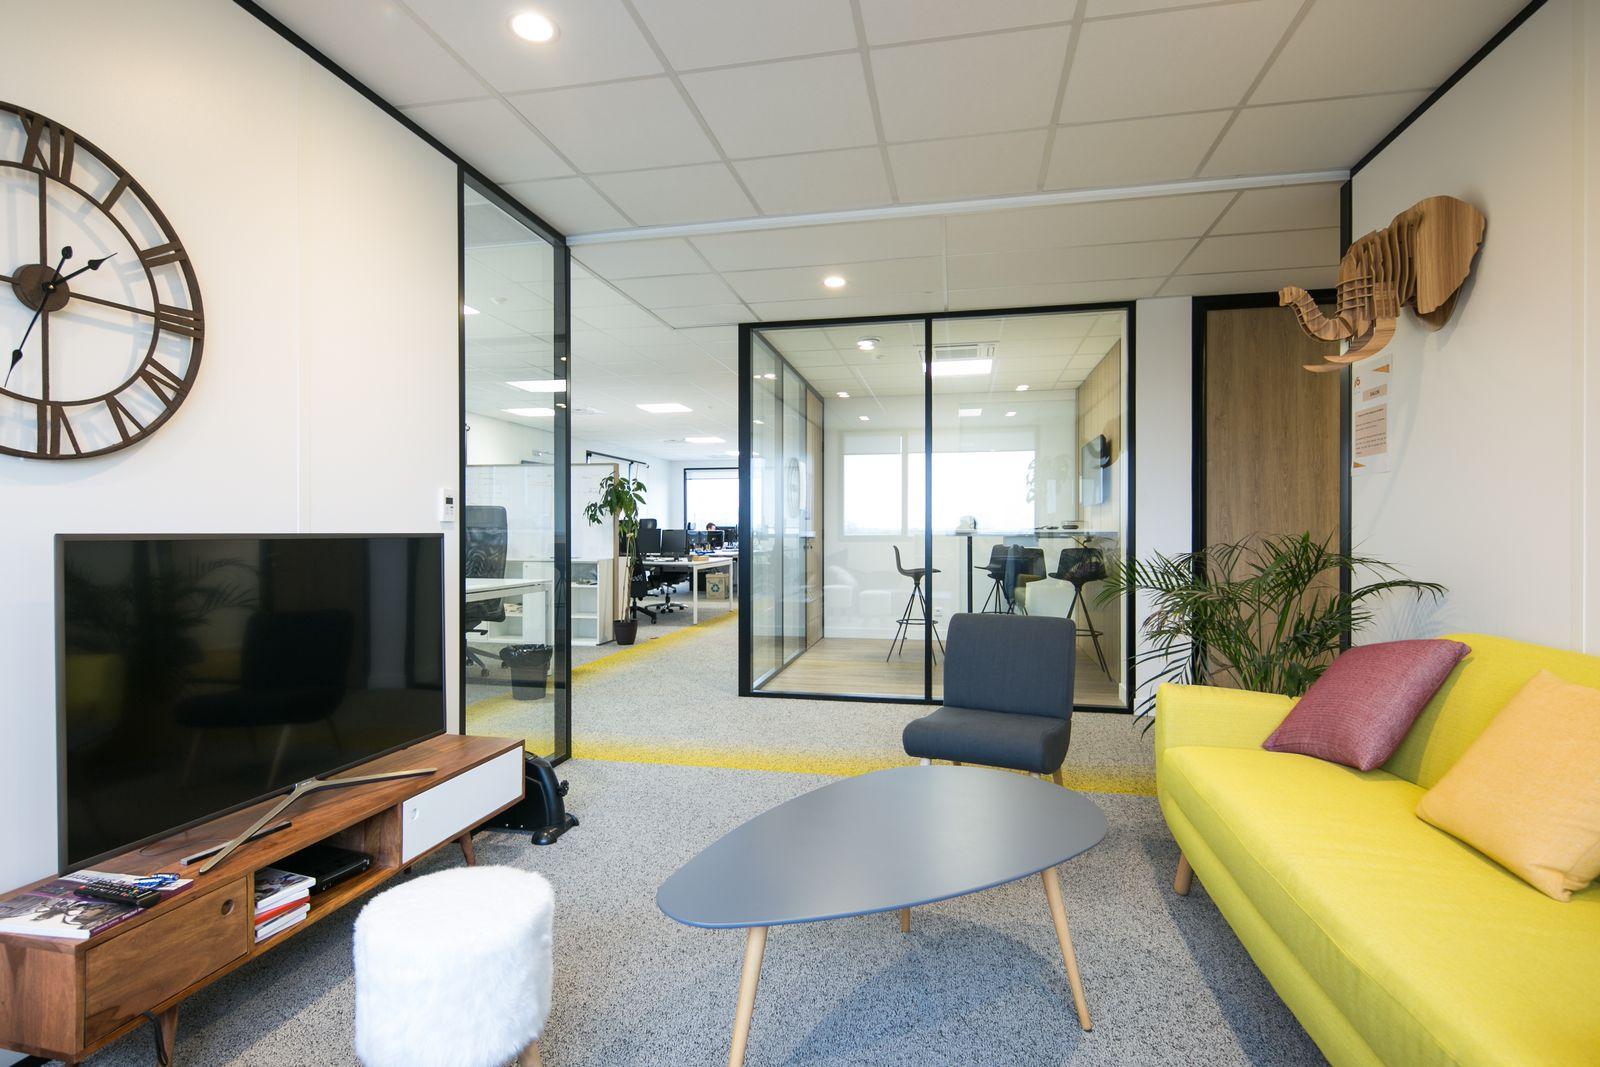 Espace de travail avec une table et un canapé